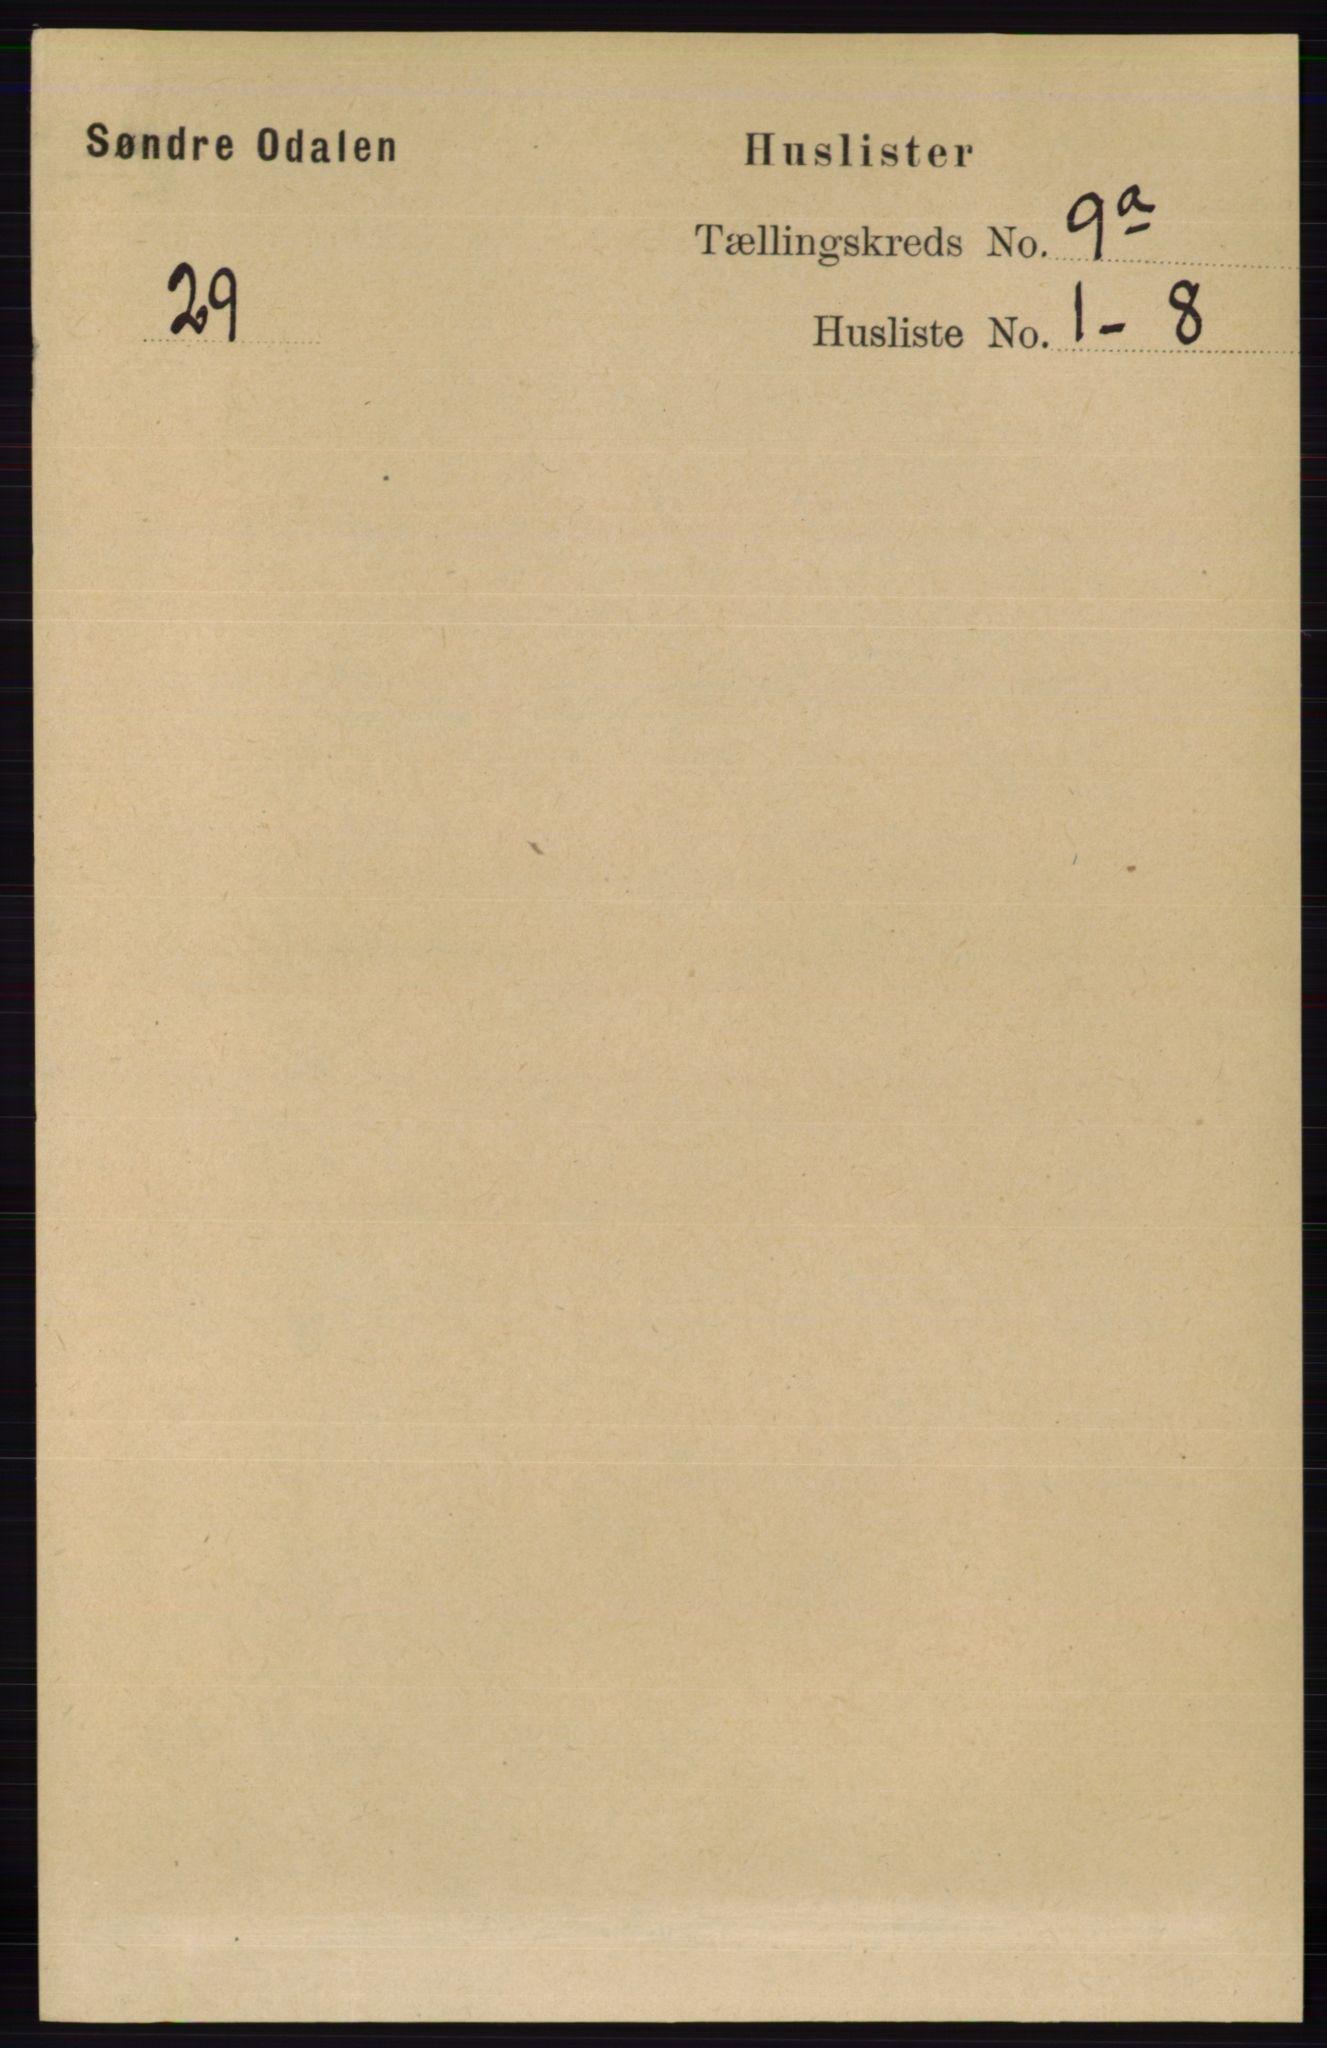 RA, Folketelling 1891 for 0419 Sør-Odal herred, 1891, s. 4060